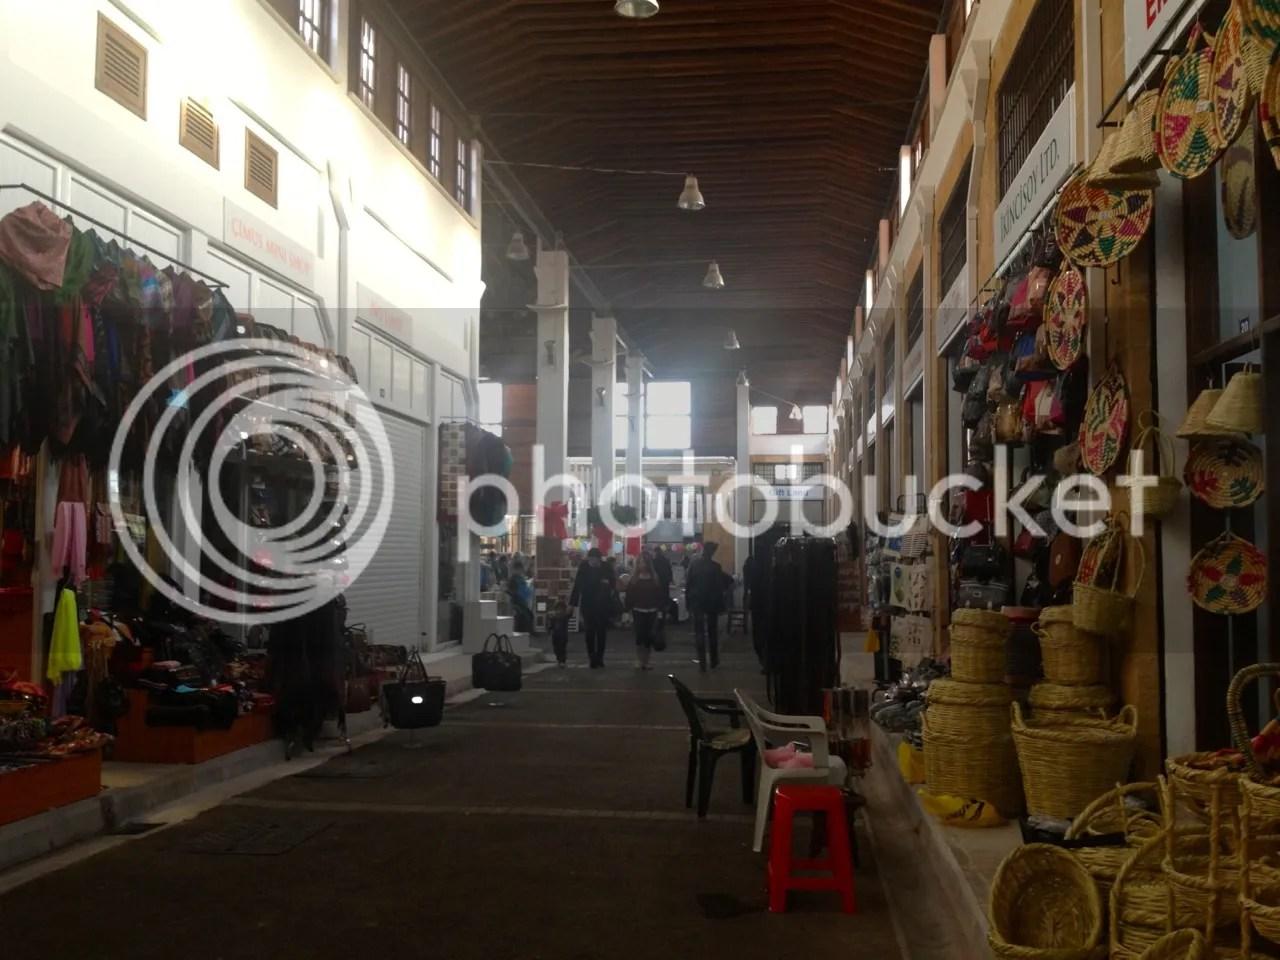 https://i2.wp.com/i181.photobucket.com/albums/x35/jwhite9185/Larnaca/file-137.jpg